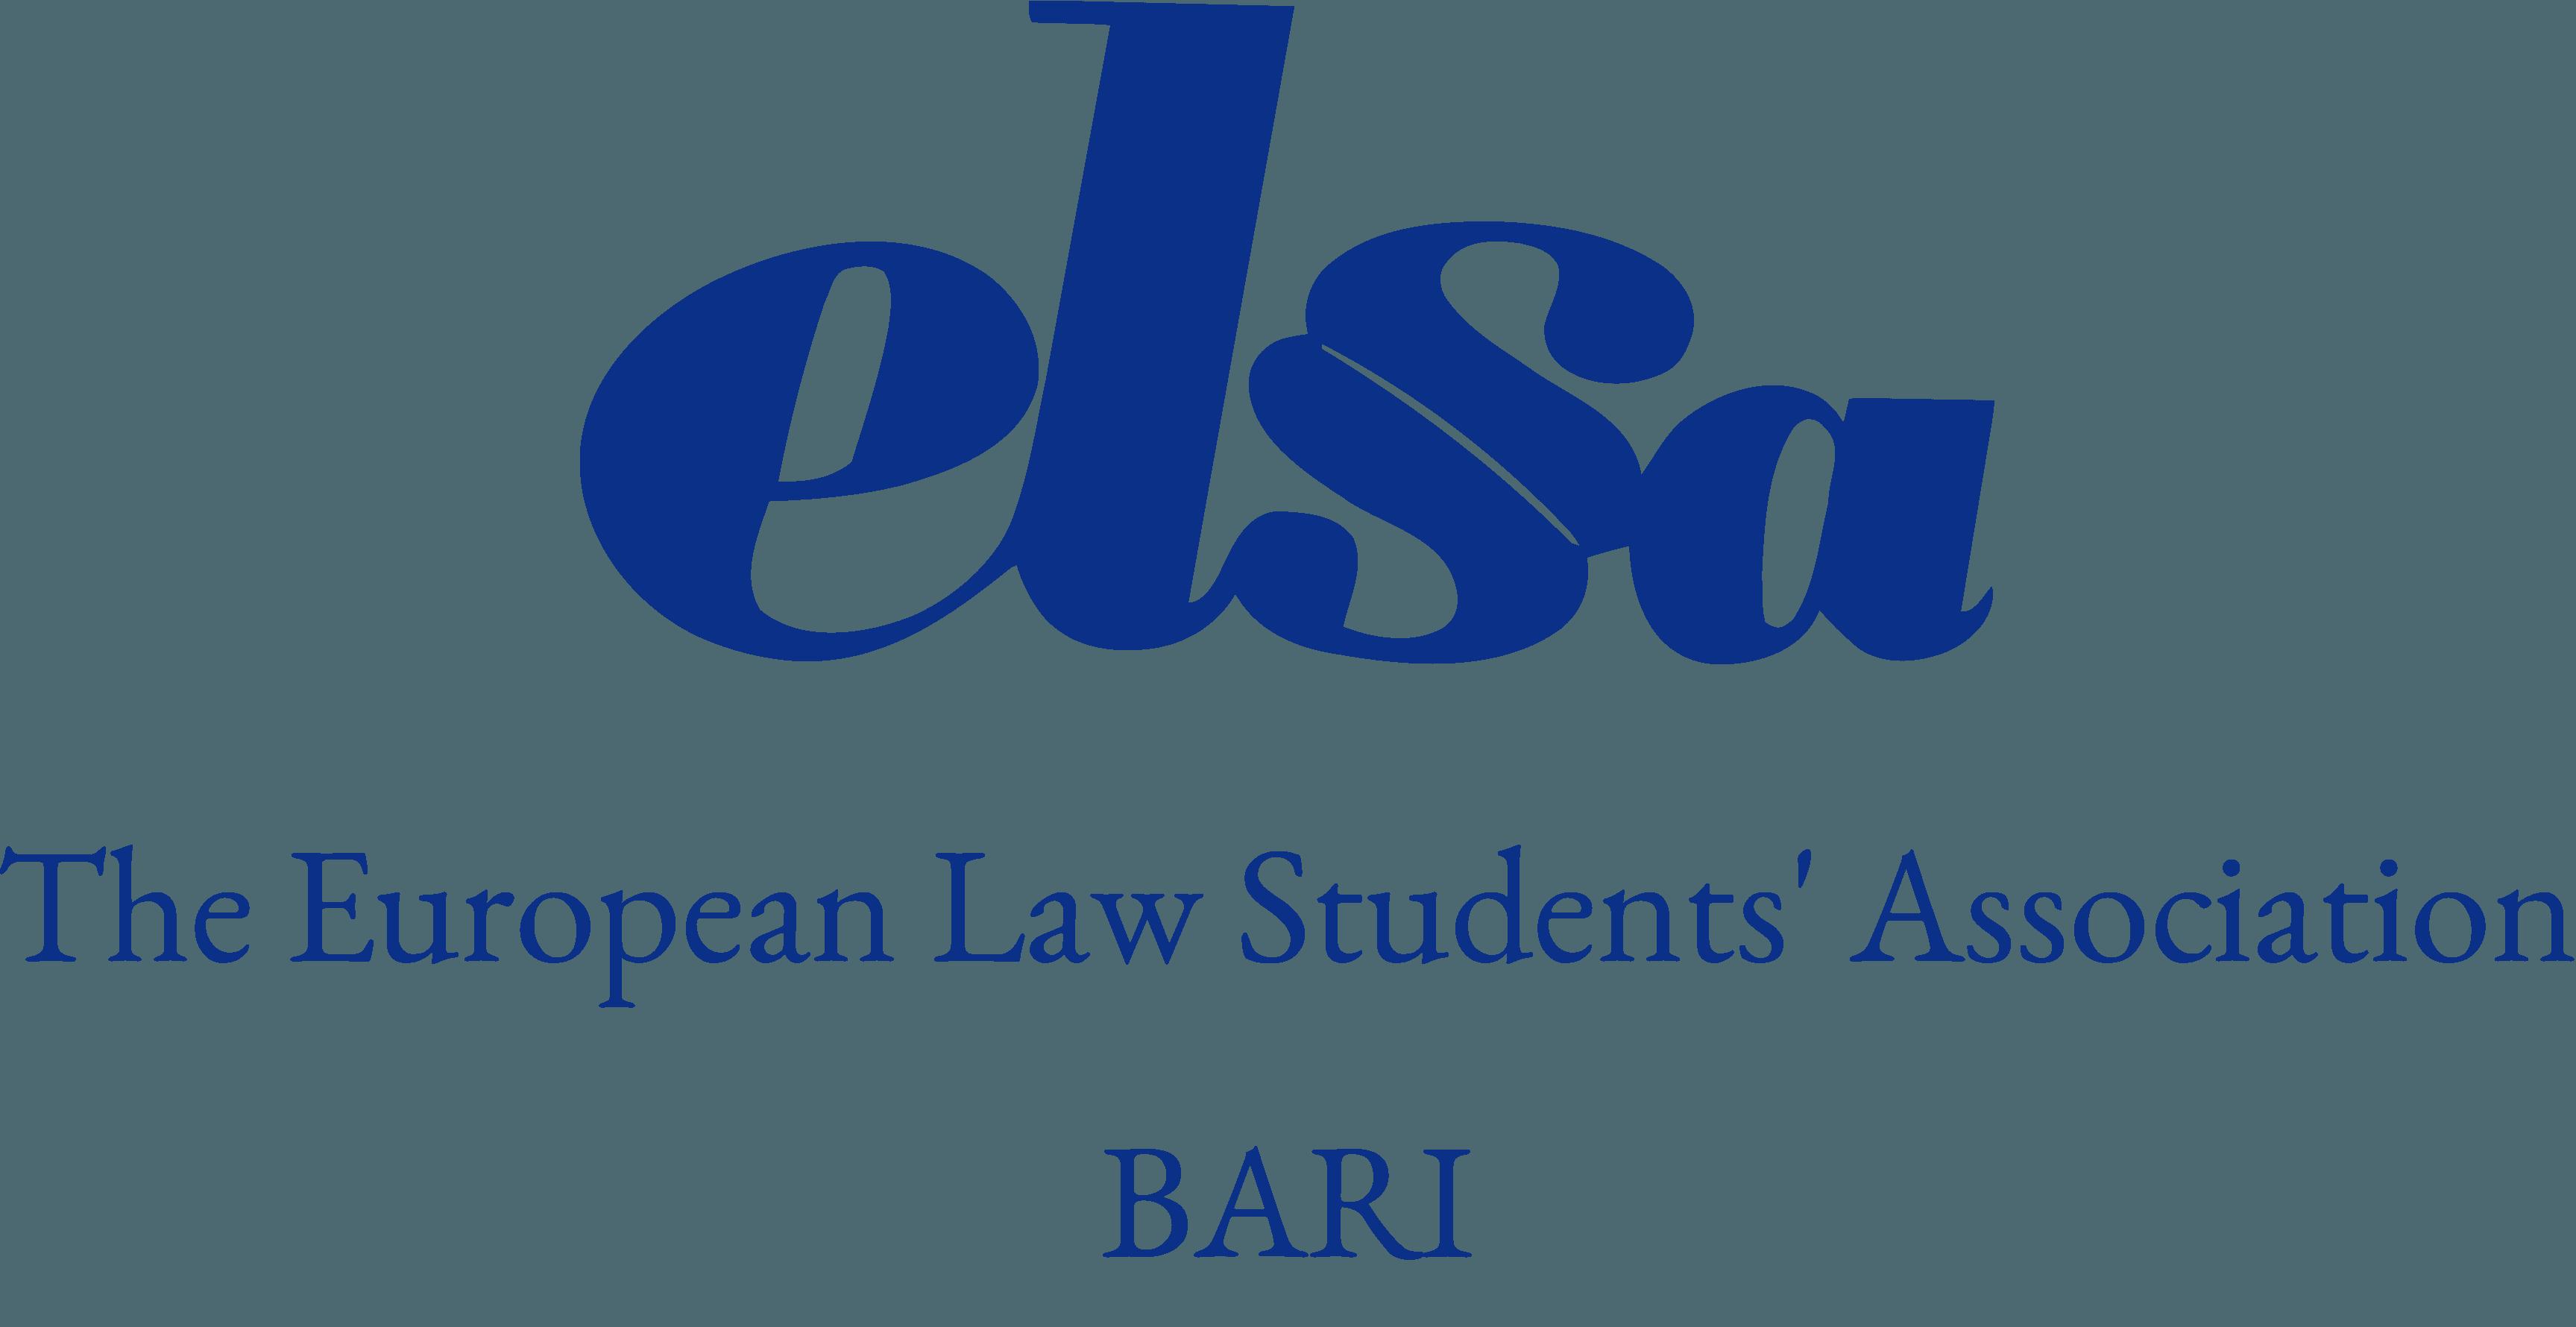 ELSA Bari